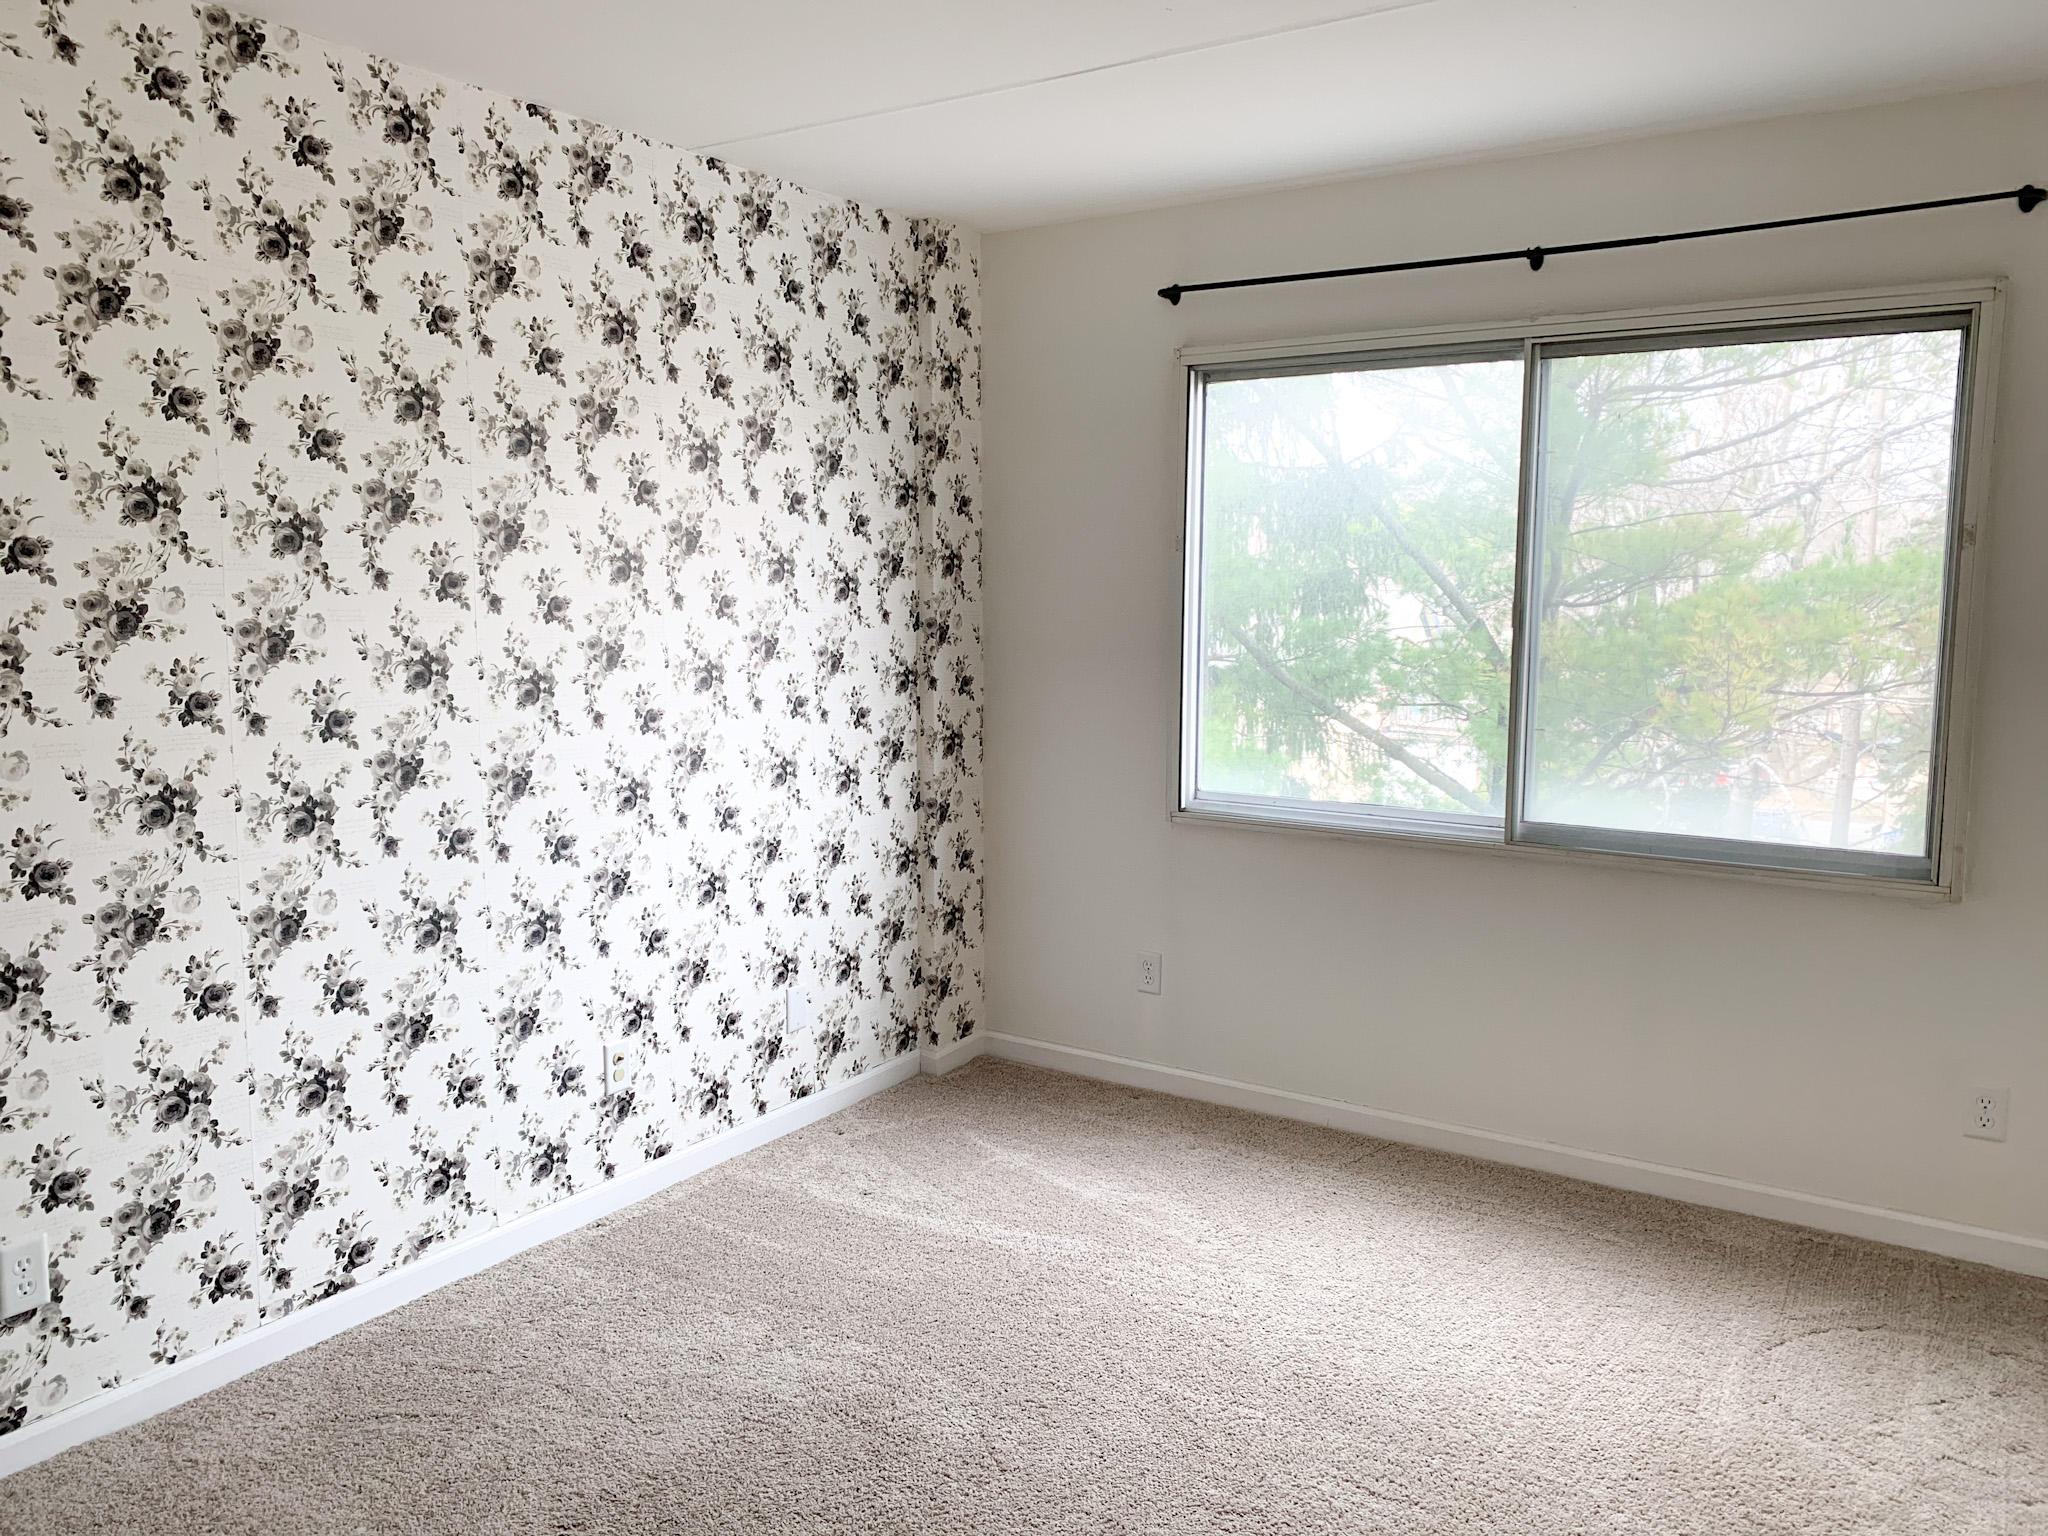 2nd bedroom window